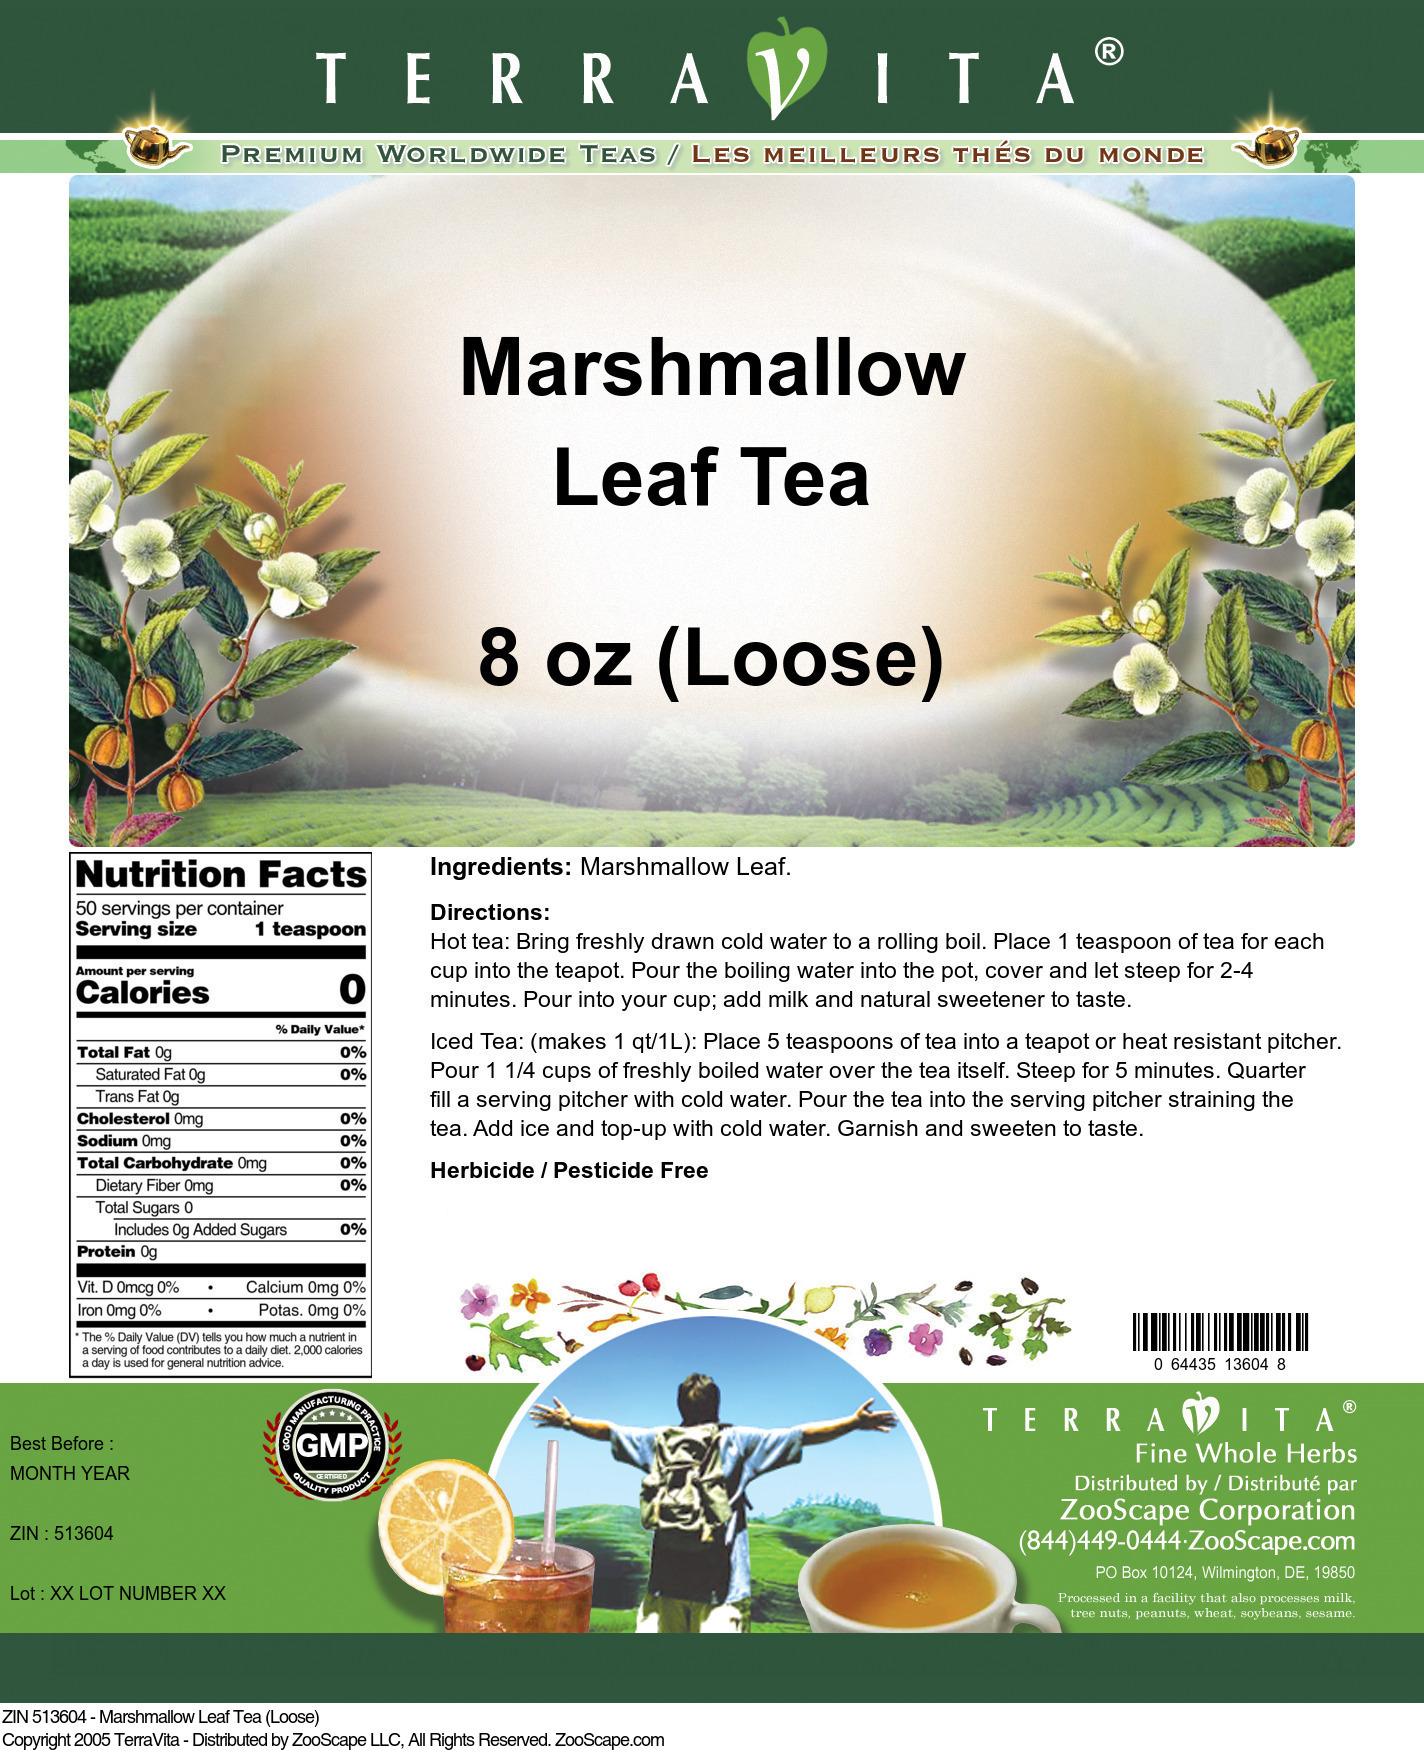 Marshmallow Leaf Tea (Loose)